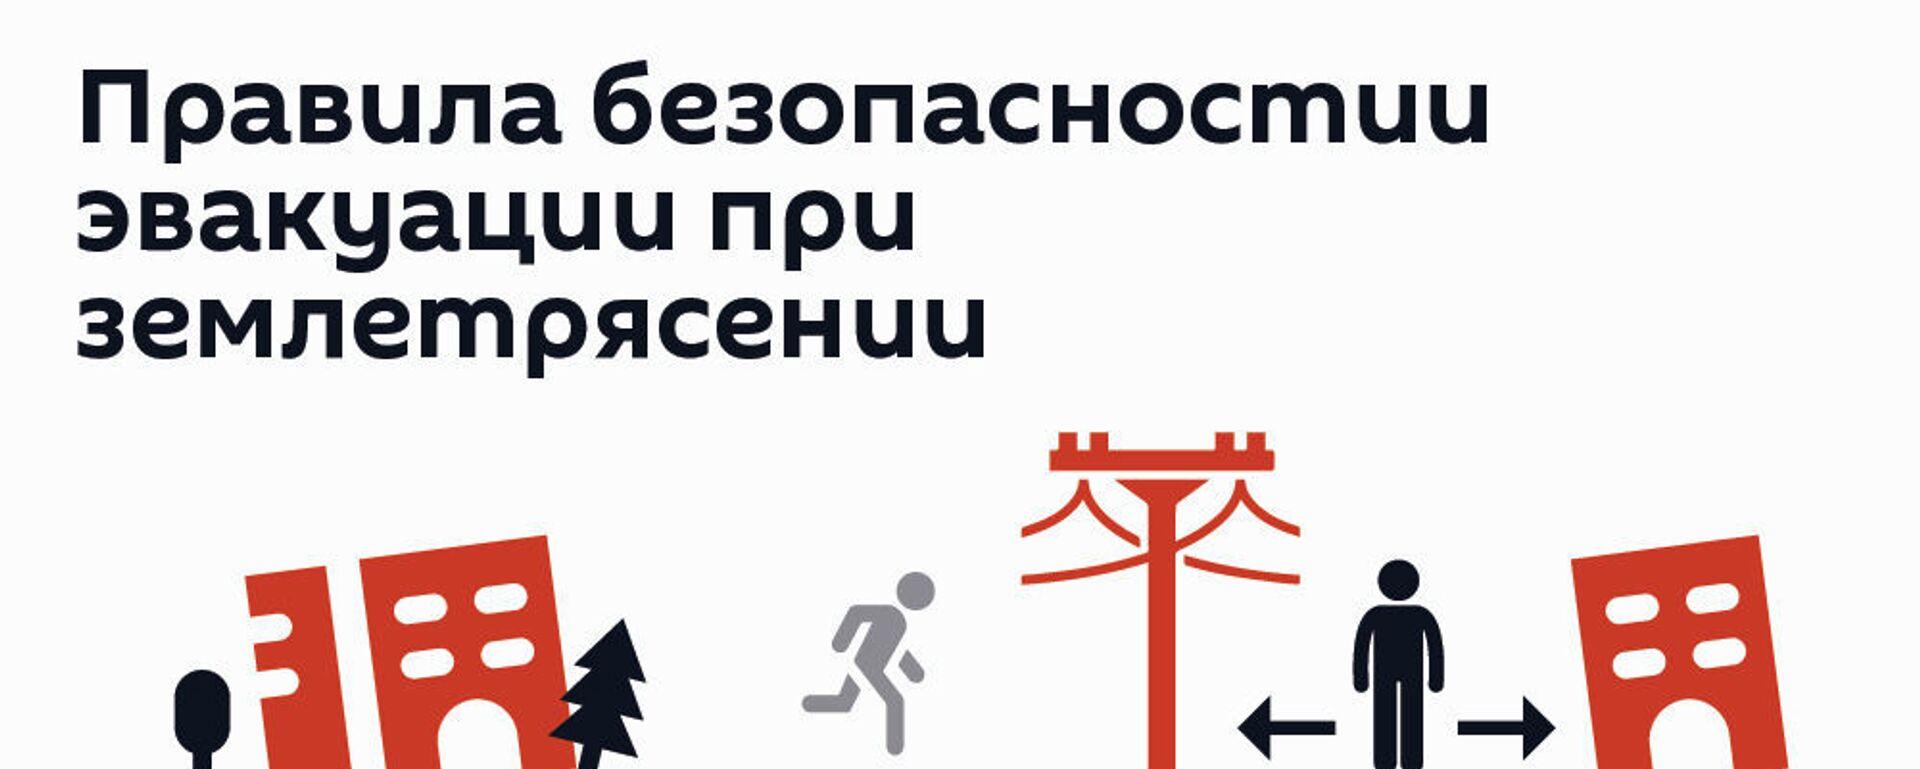 Как себя вести при землетрясении? - Sputnik Грузия, 1920, 16.02.2021